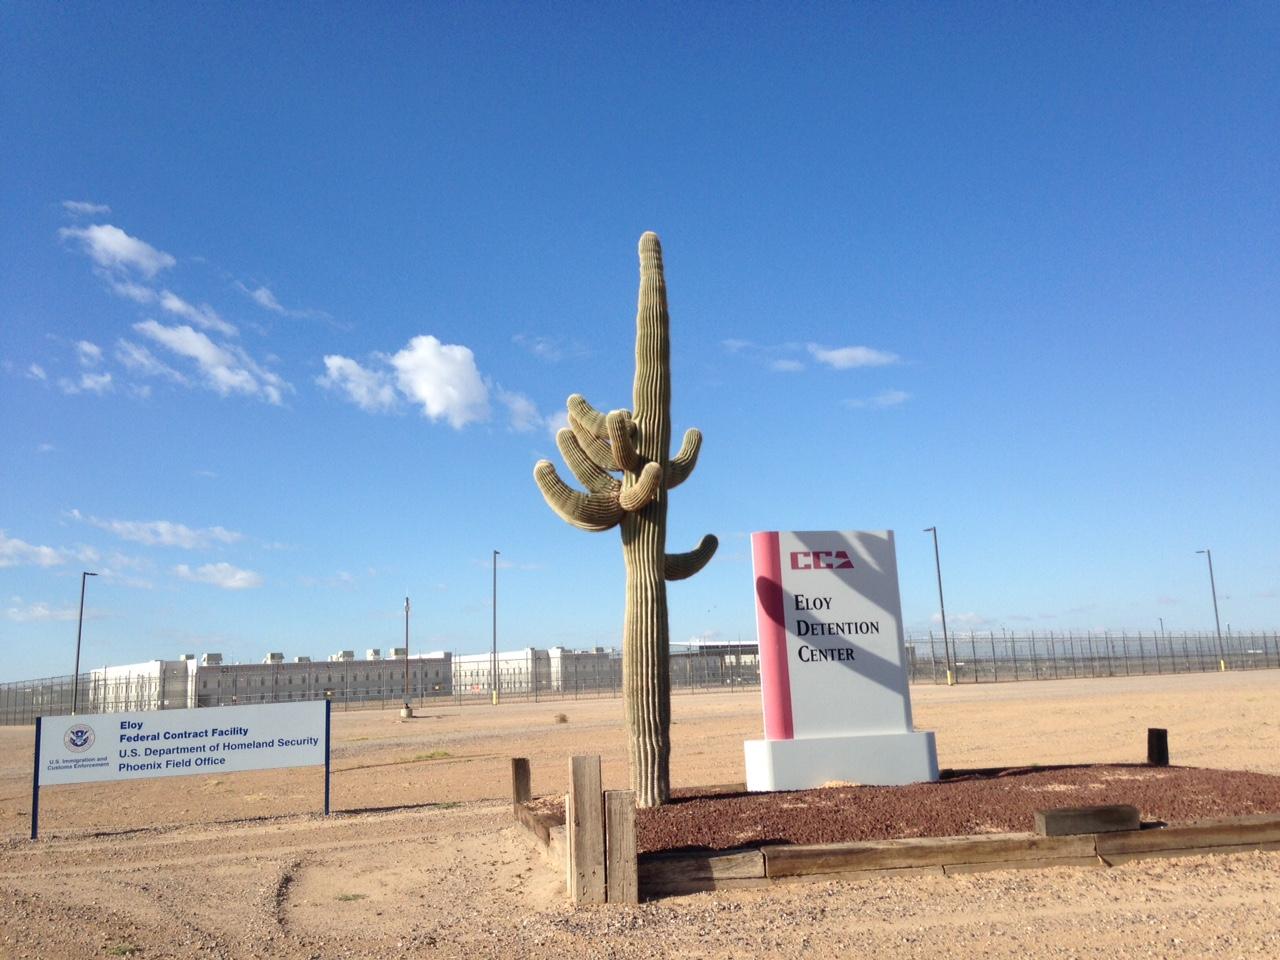 El Centro de Detenciones de Eloy, Arizona. Foto: Valeria Fernández.